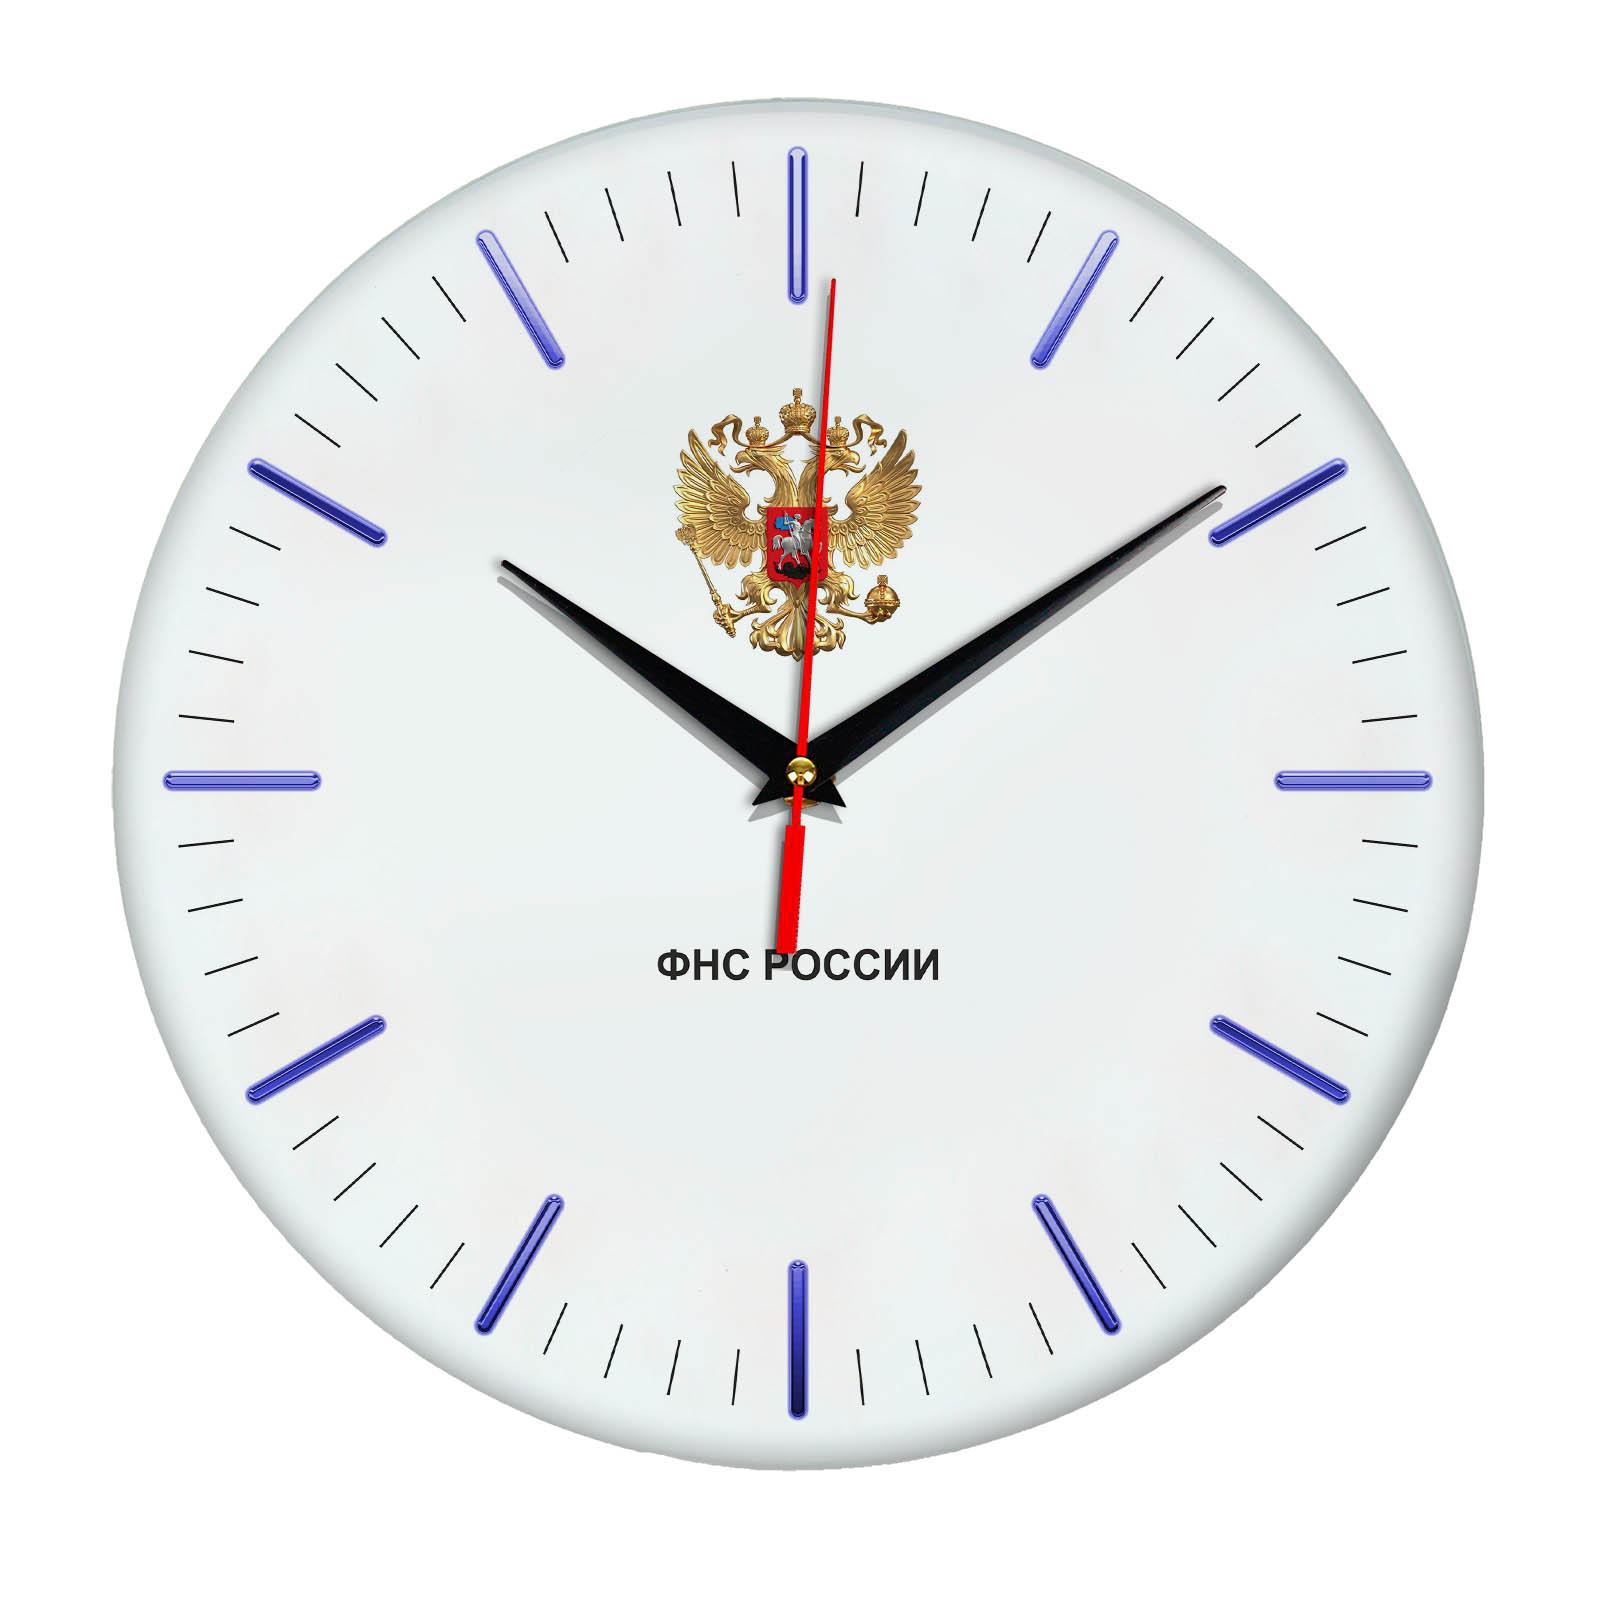 Именные часы для сотрудников ФНС